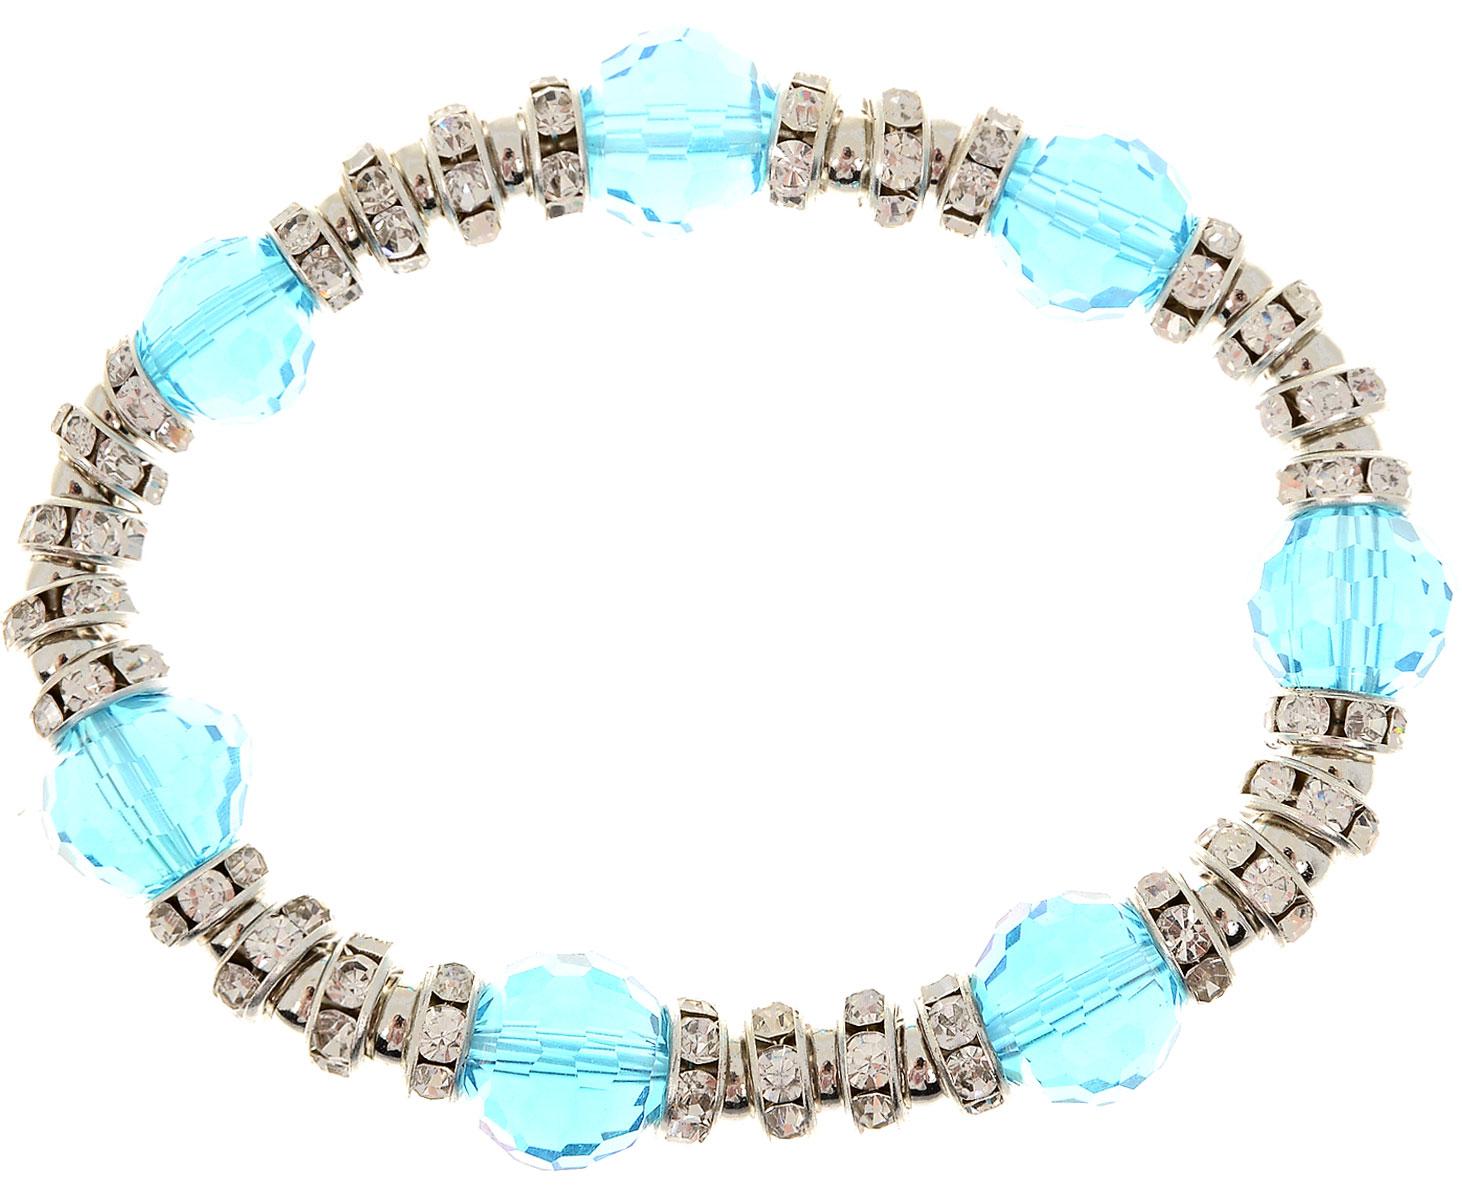 Браслет Taya, цвет: синий. T-B-11918-BRAC-BLUET-B-11918-BRAC-BLUEУдобный браслет на резинке в серебристо-голубых тонах, простой, легкий, универсальный. Можно носить его как дополнение к часам или к другим браслетам TAYA.